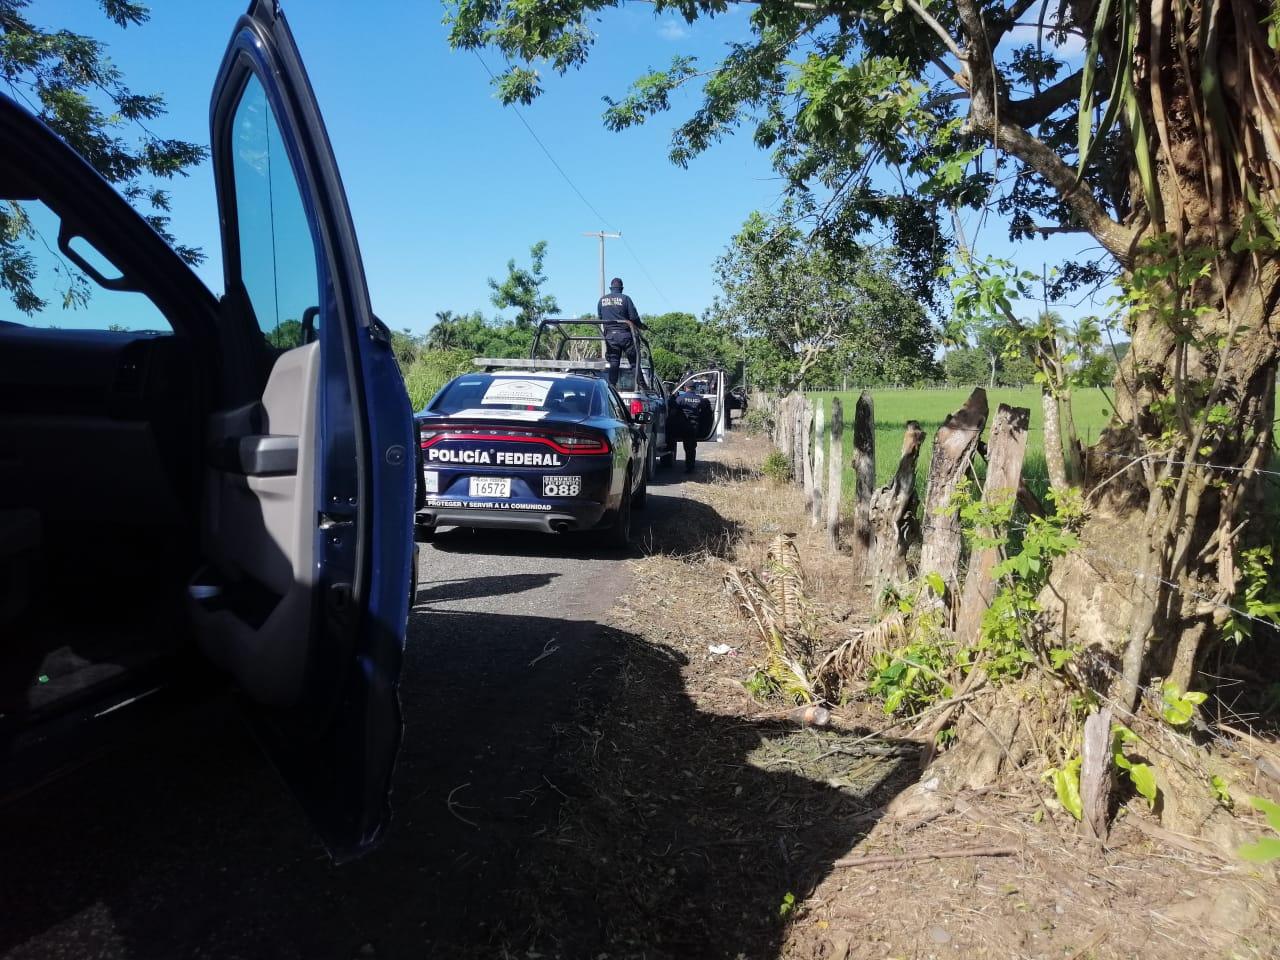 Emboscan a Policías Municipales en Huimanguillo; Tabasco, hay 4 uniformados desaparecidos, al parecer fueron levantados por los Sicarios